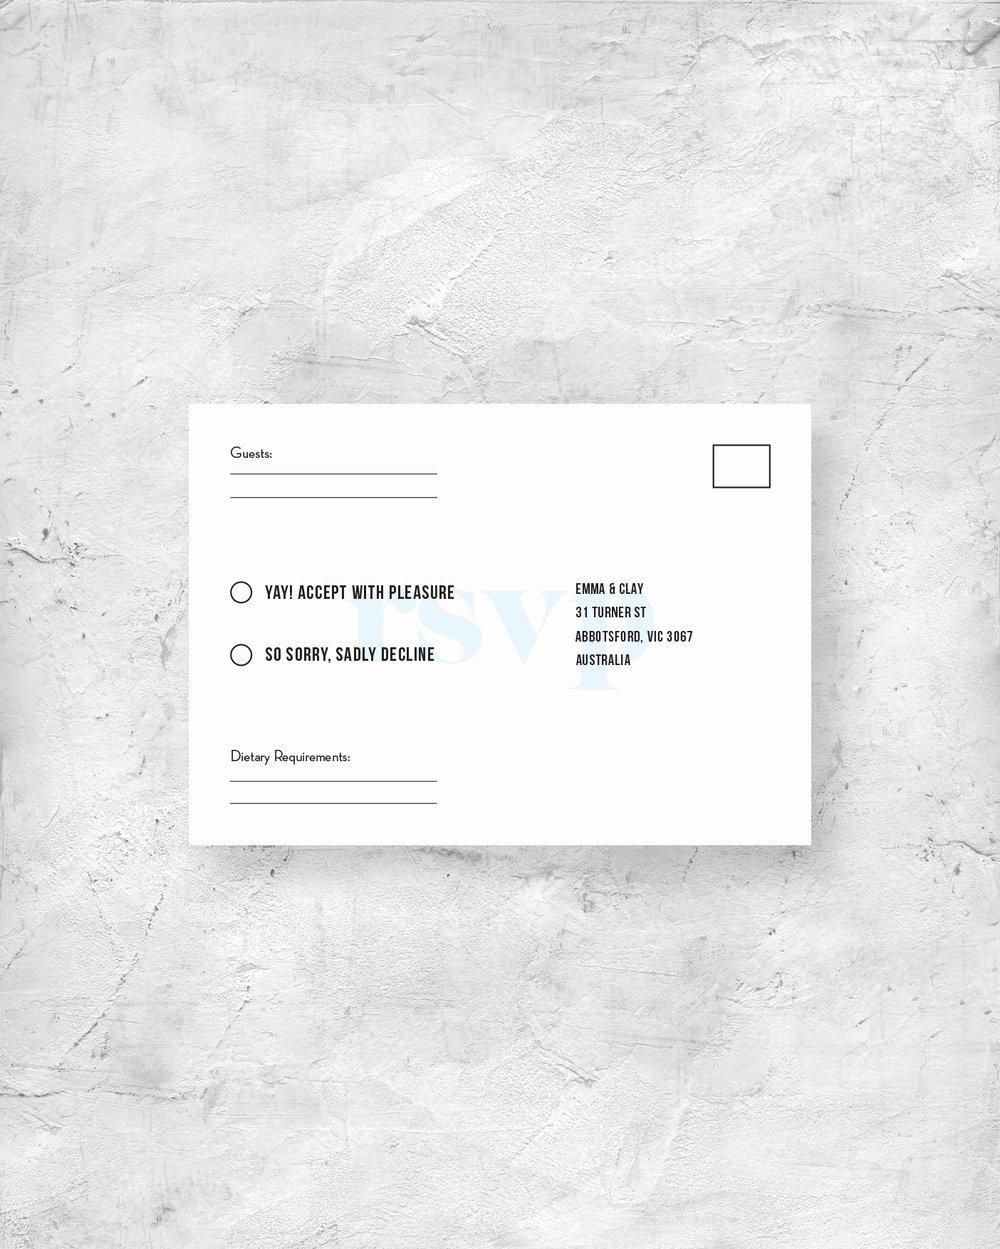 RSVP Card - Back